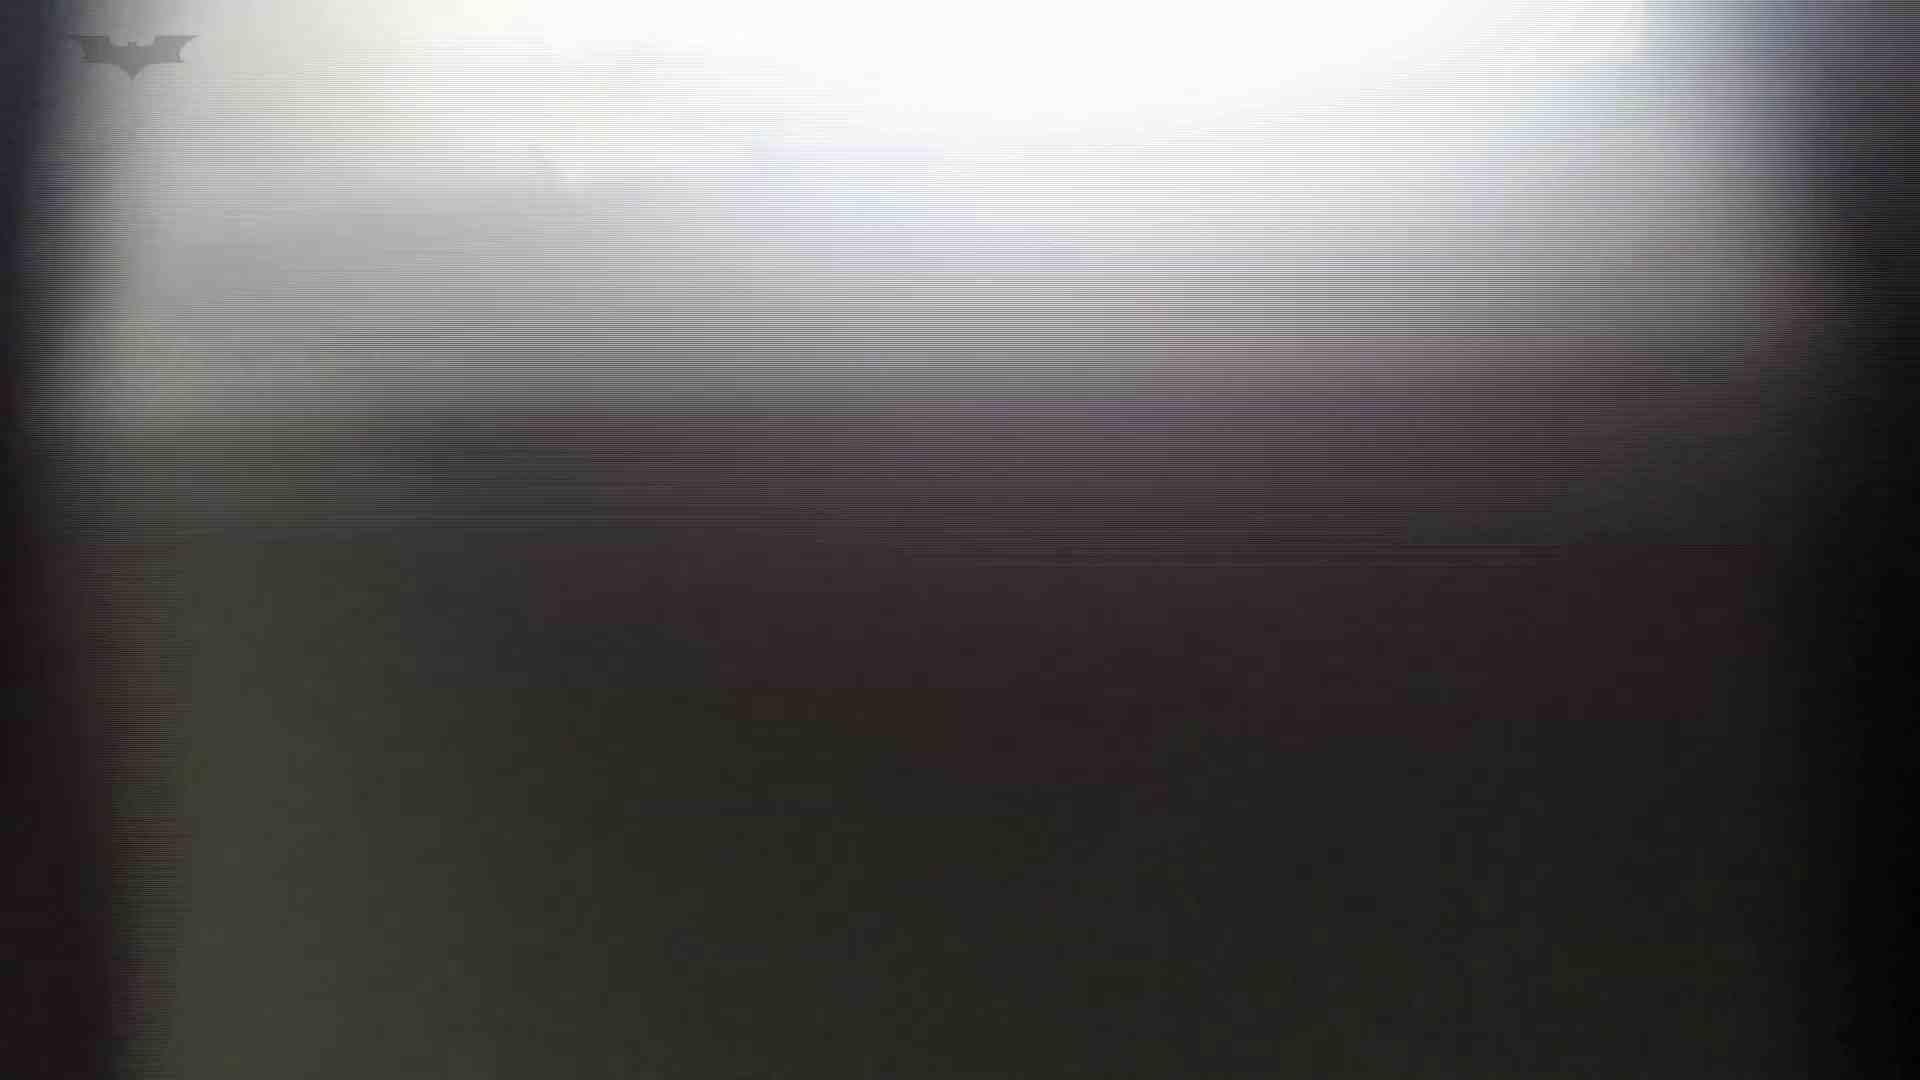 ステーション編 vol40 更に画質アップ!!無料動画のモデルつい登場3 高画質  80PIX 60